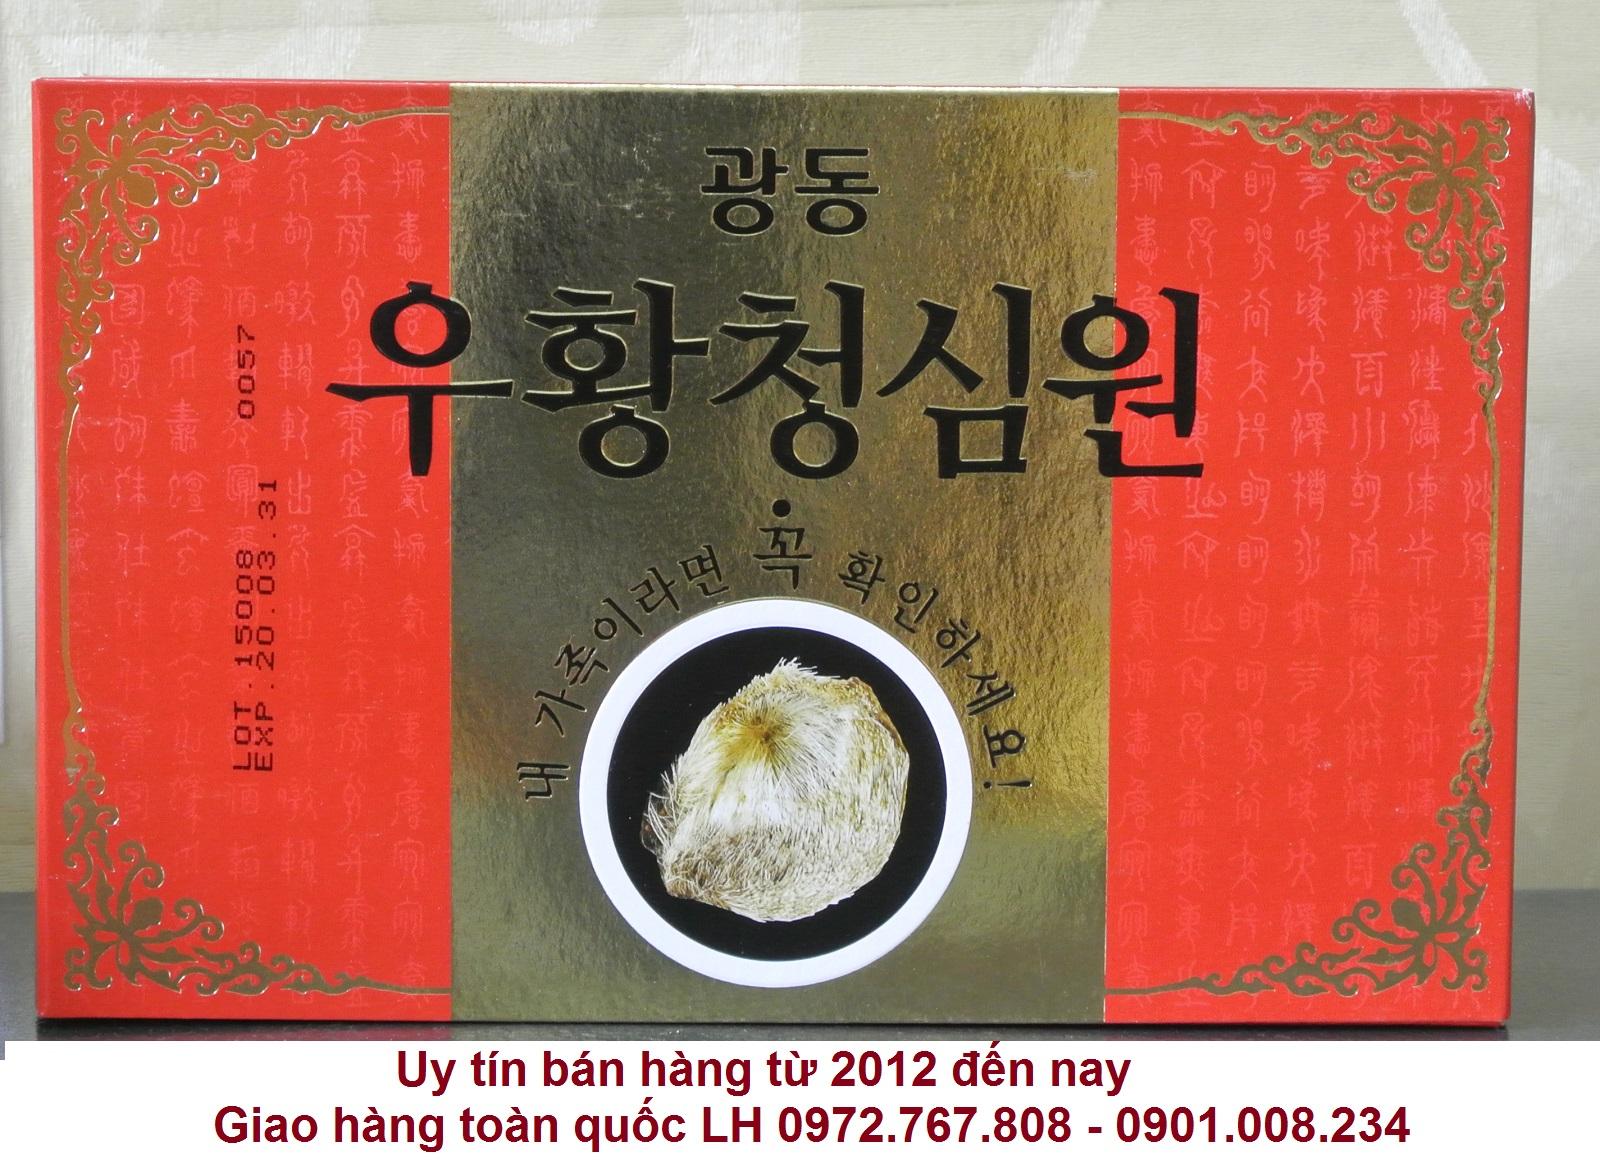 mặt trước hộp an cung ngưu hoàng hoàn Hàn Quốc đỏ 10 viên